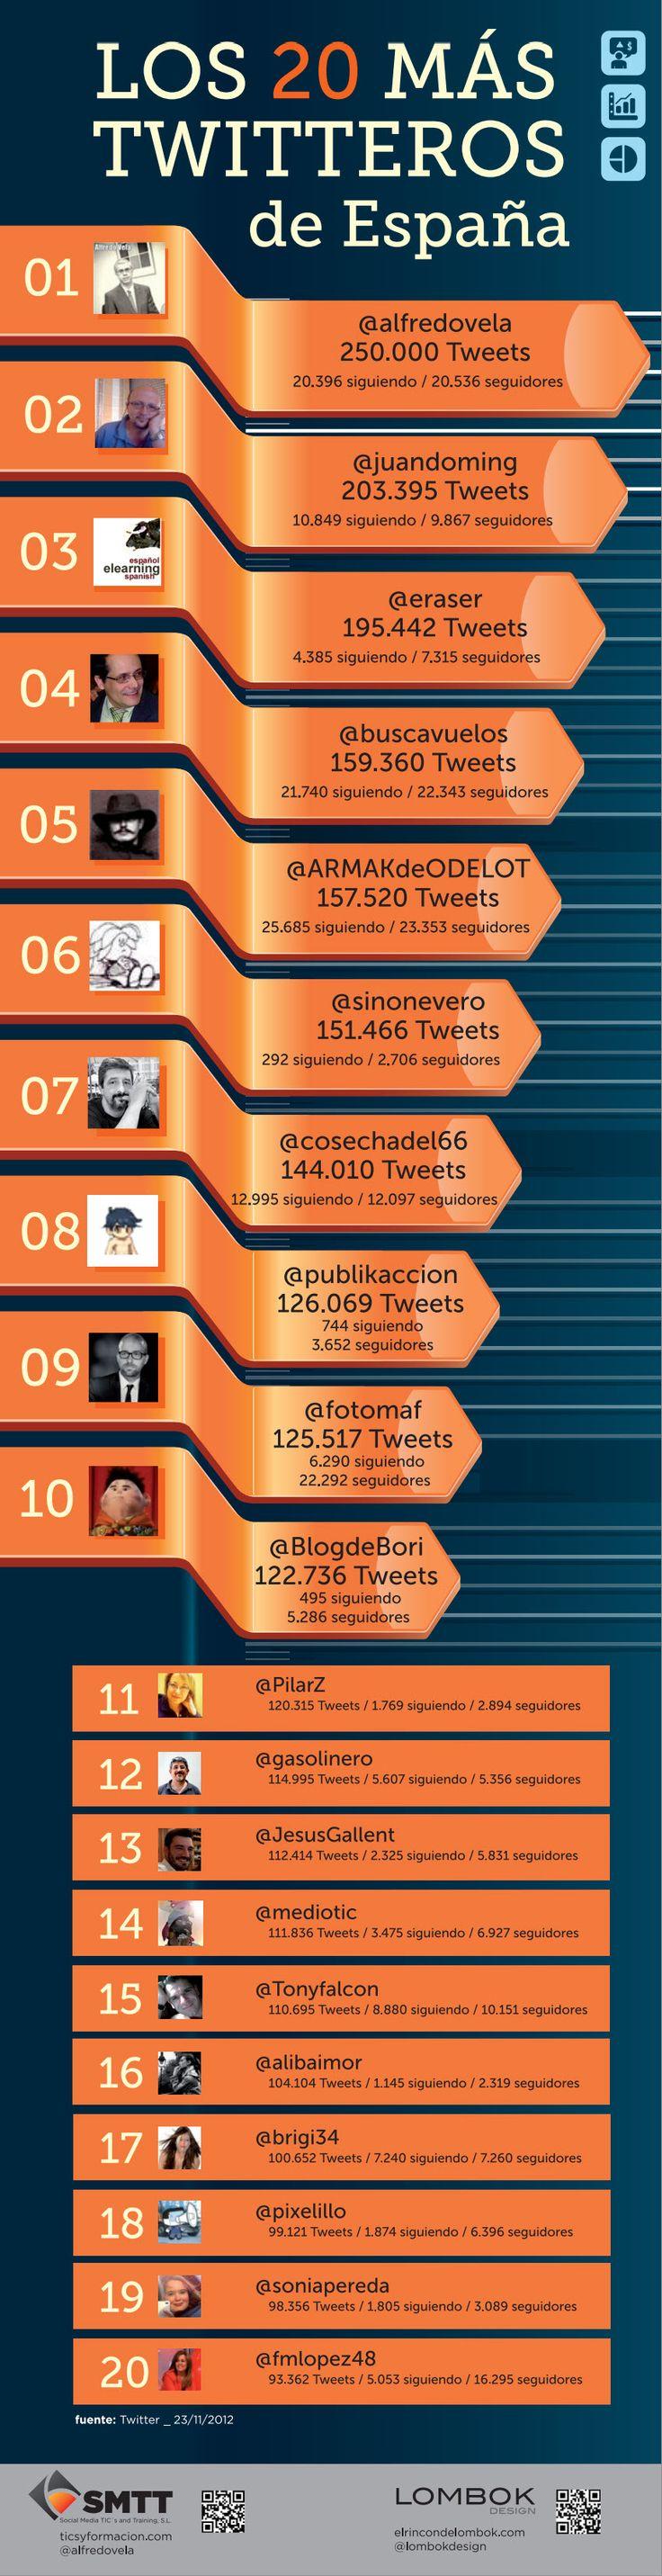 Los 20 más twitteros de España #infografia